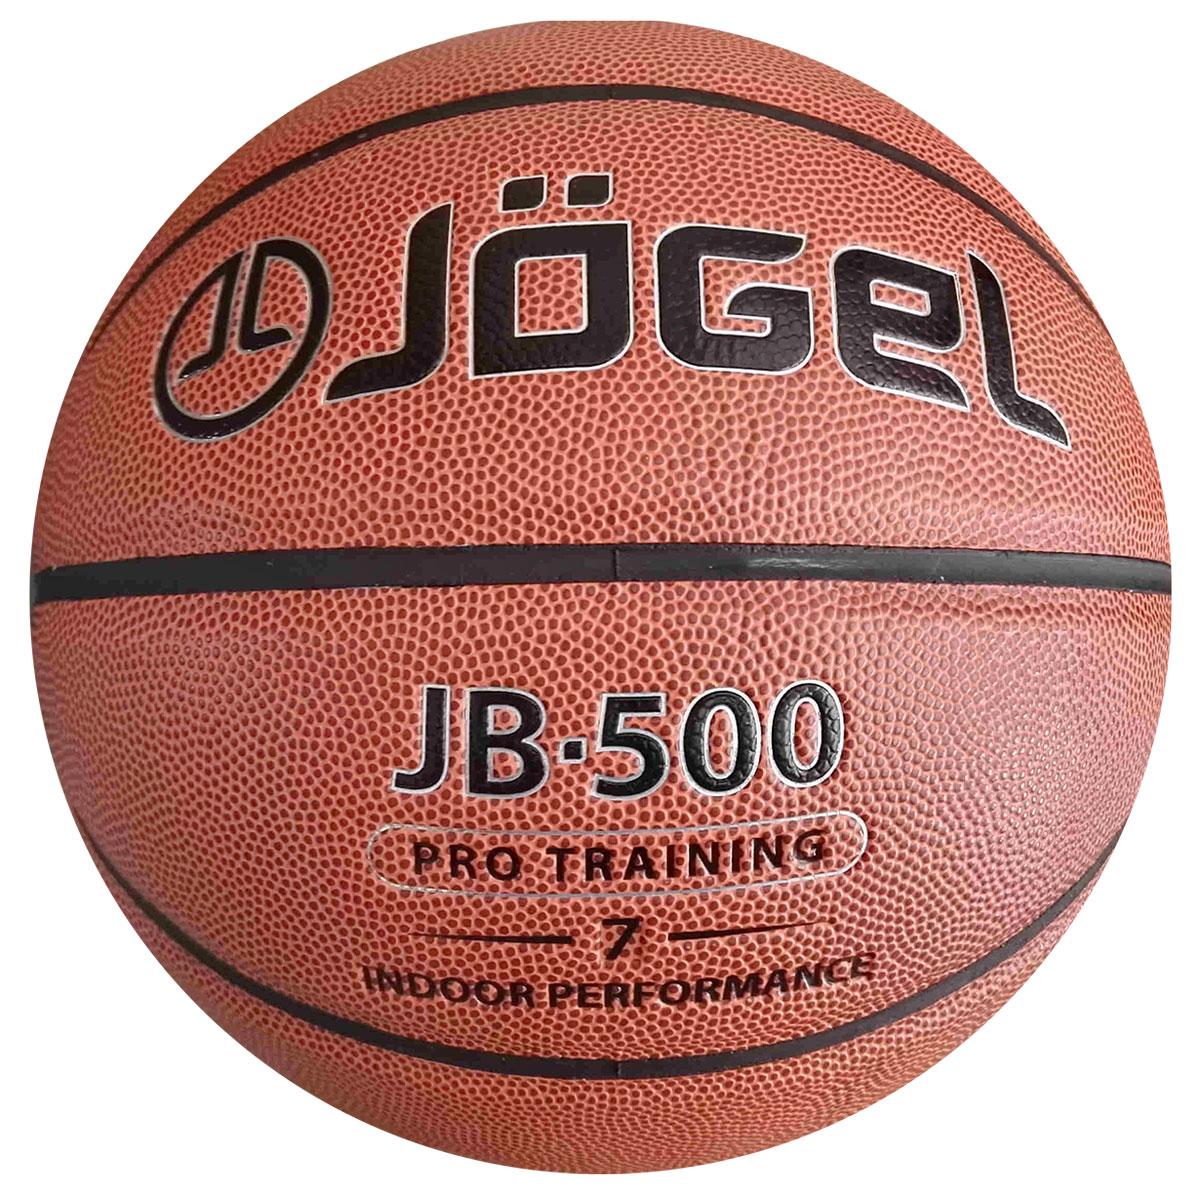 Мяч баскетбольный Jogel, цвет: коричневый. Размер 7. JB-500УТ-00009330Качественный баскетбольный мяч Jogel из серии PRO TRAINING - предназначен для любительской игры, тренировок и соревнований любительских команд и команд среднего уровня.Покрышка мяча выполнена из высококачественной синтетической кожи (полиуретан). Использовалась технология DeepChannel (глубокие каналы), за счет этого достигается лучший контроль мяча во время броска и дриблинга. камера выполнена из бутила.Длина окружности: 75-78 см.Рекомендованное давление: 0.5-0.6 бар.Вес: 567-650 гр.УВАЖАЕМЫЕ КЛИЕНТЫ!Обращаем ваше внимание на тот факт, что мяч поставляется в сдутом виде. Насос в комплект не входит.